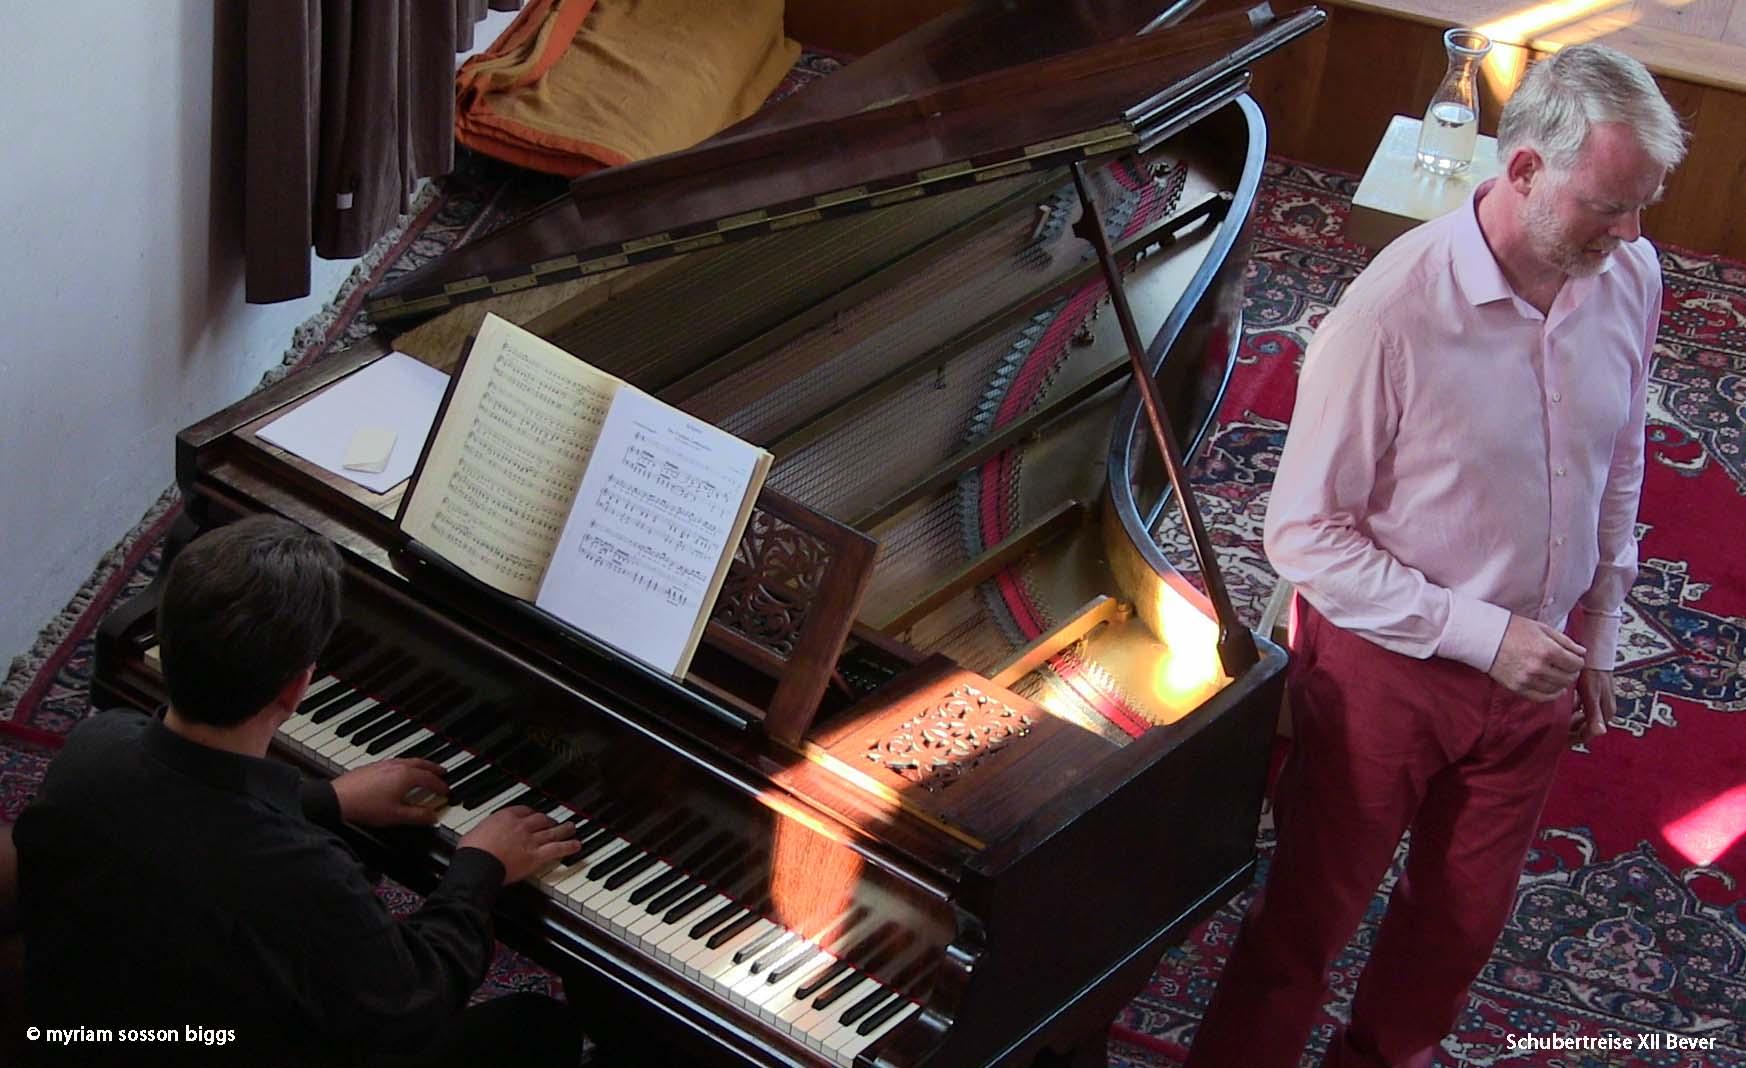 Schubertreise XII, Bever